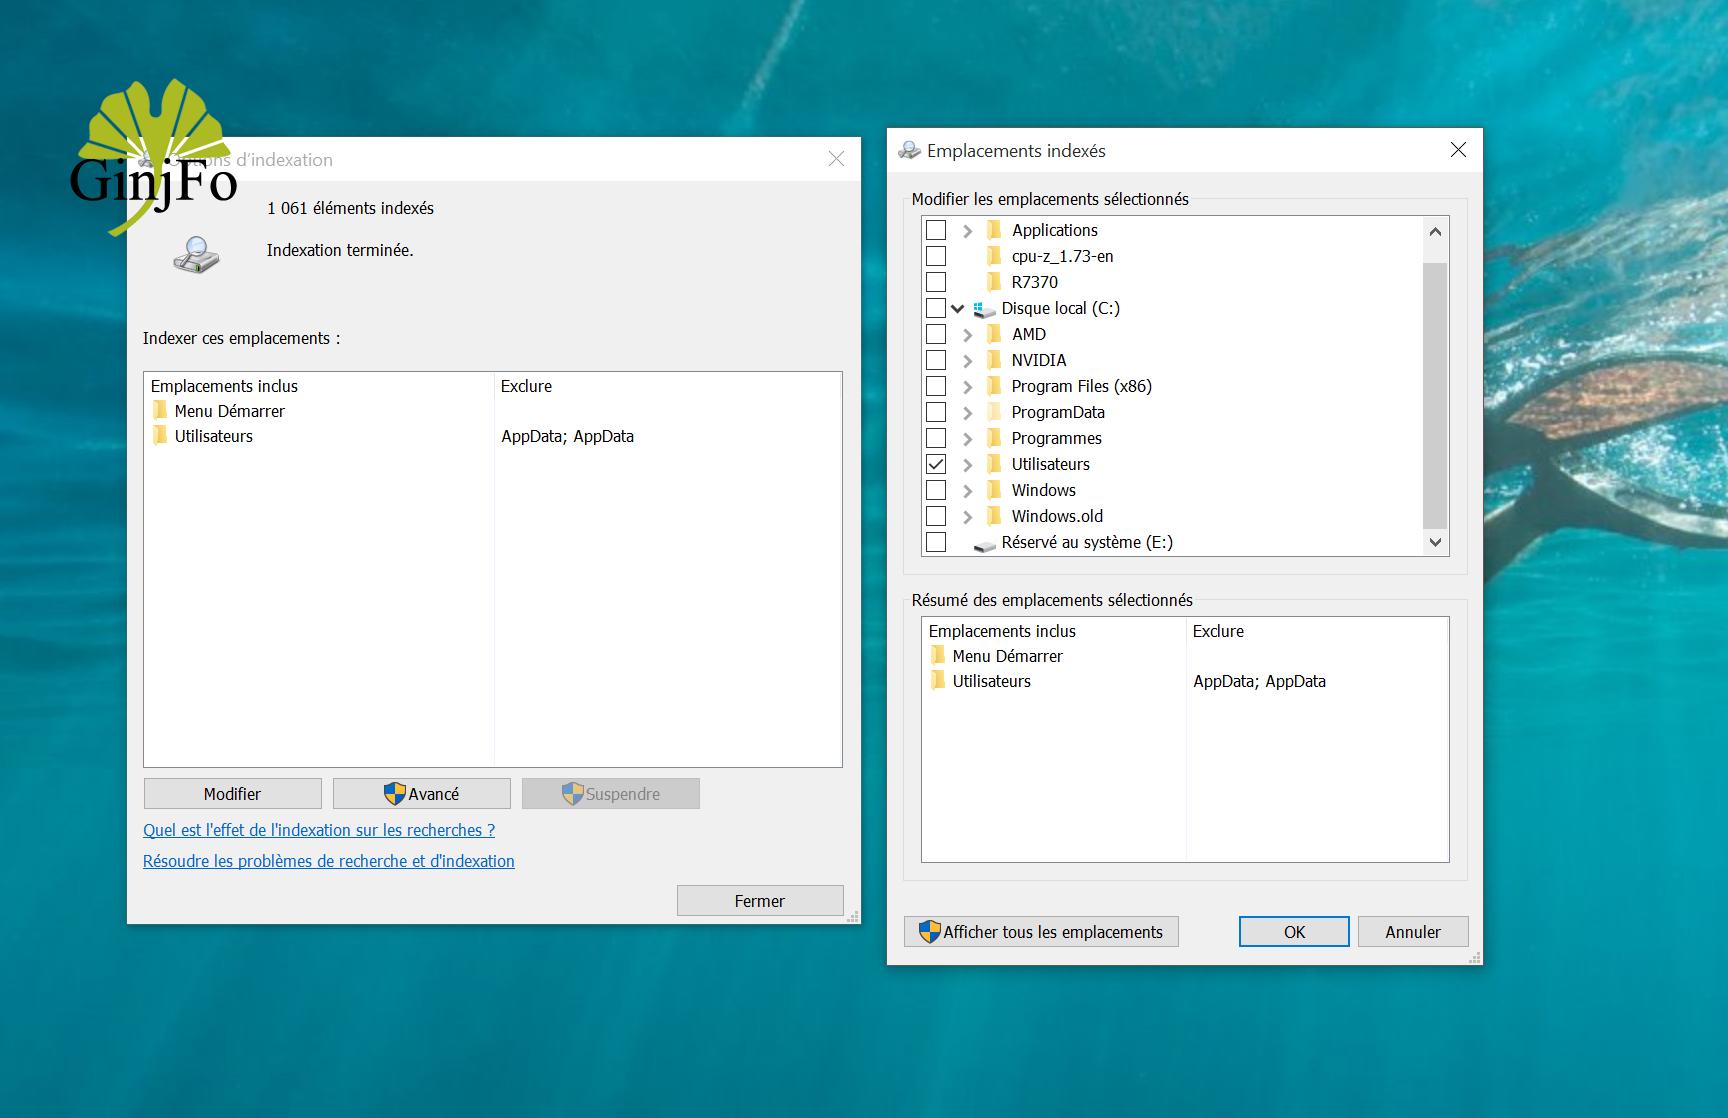 Windows 10 comment acc l rer le menu d marrer ginjfo - Comment classer ses photos avec windows 10 ...